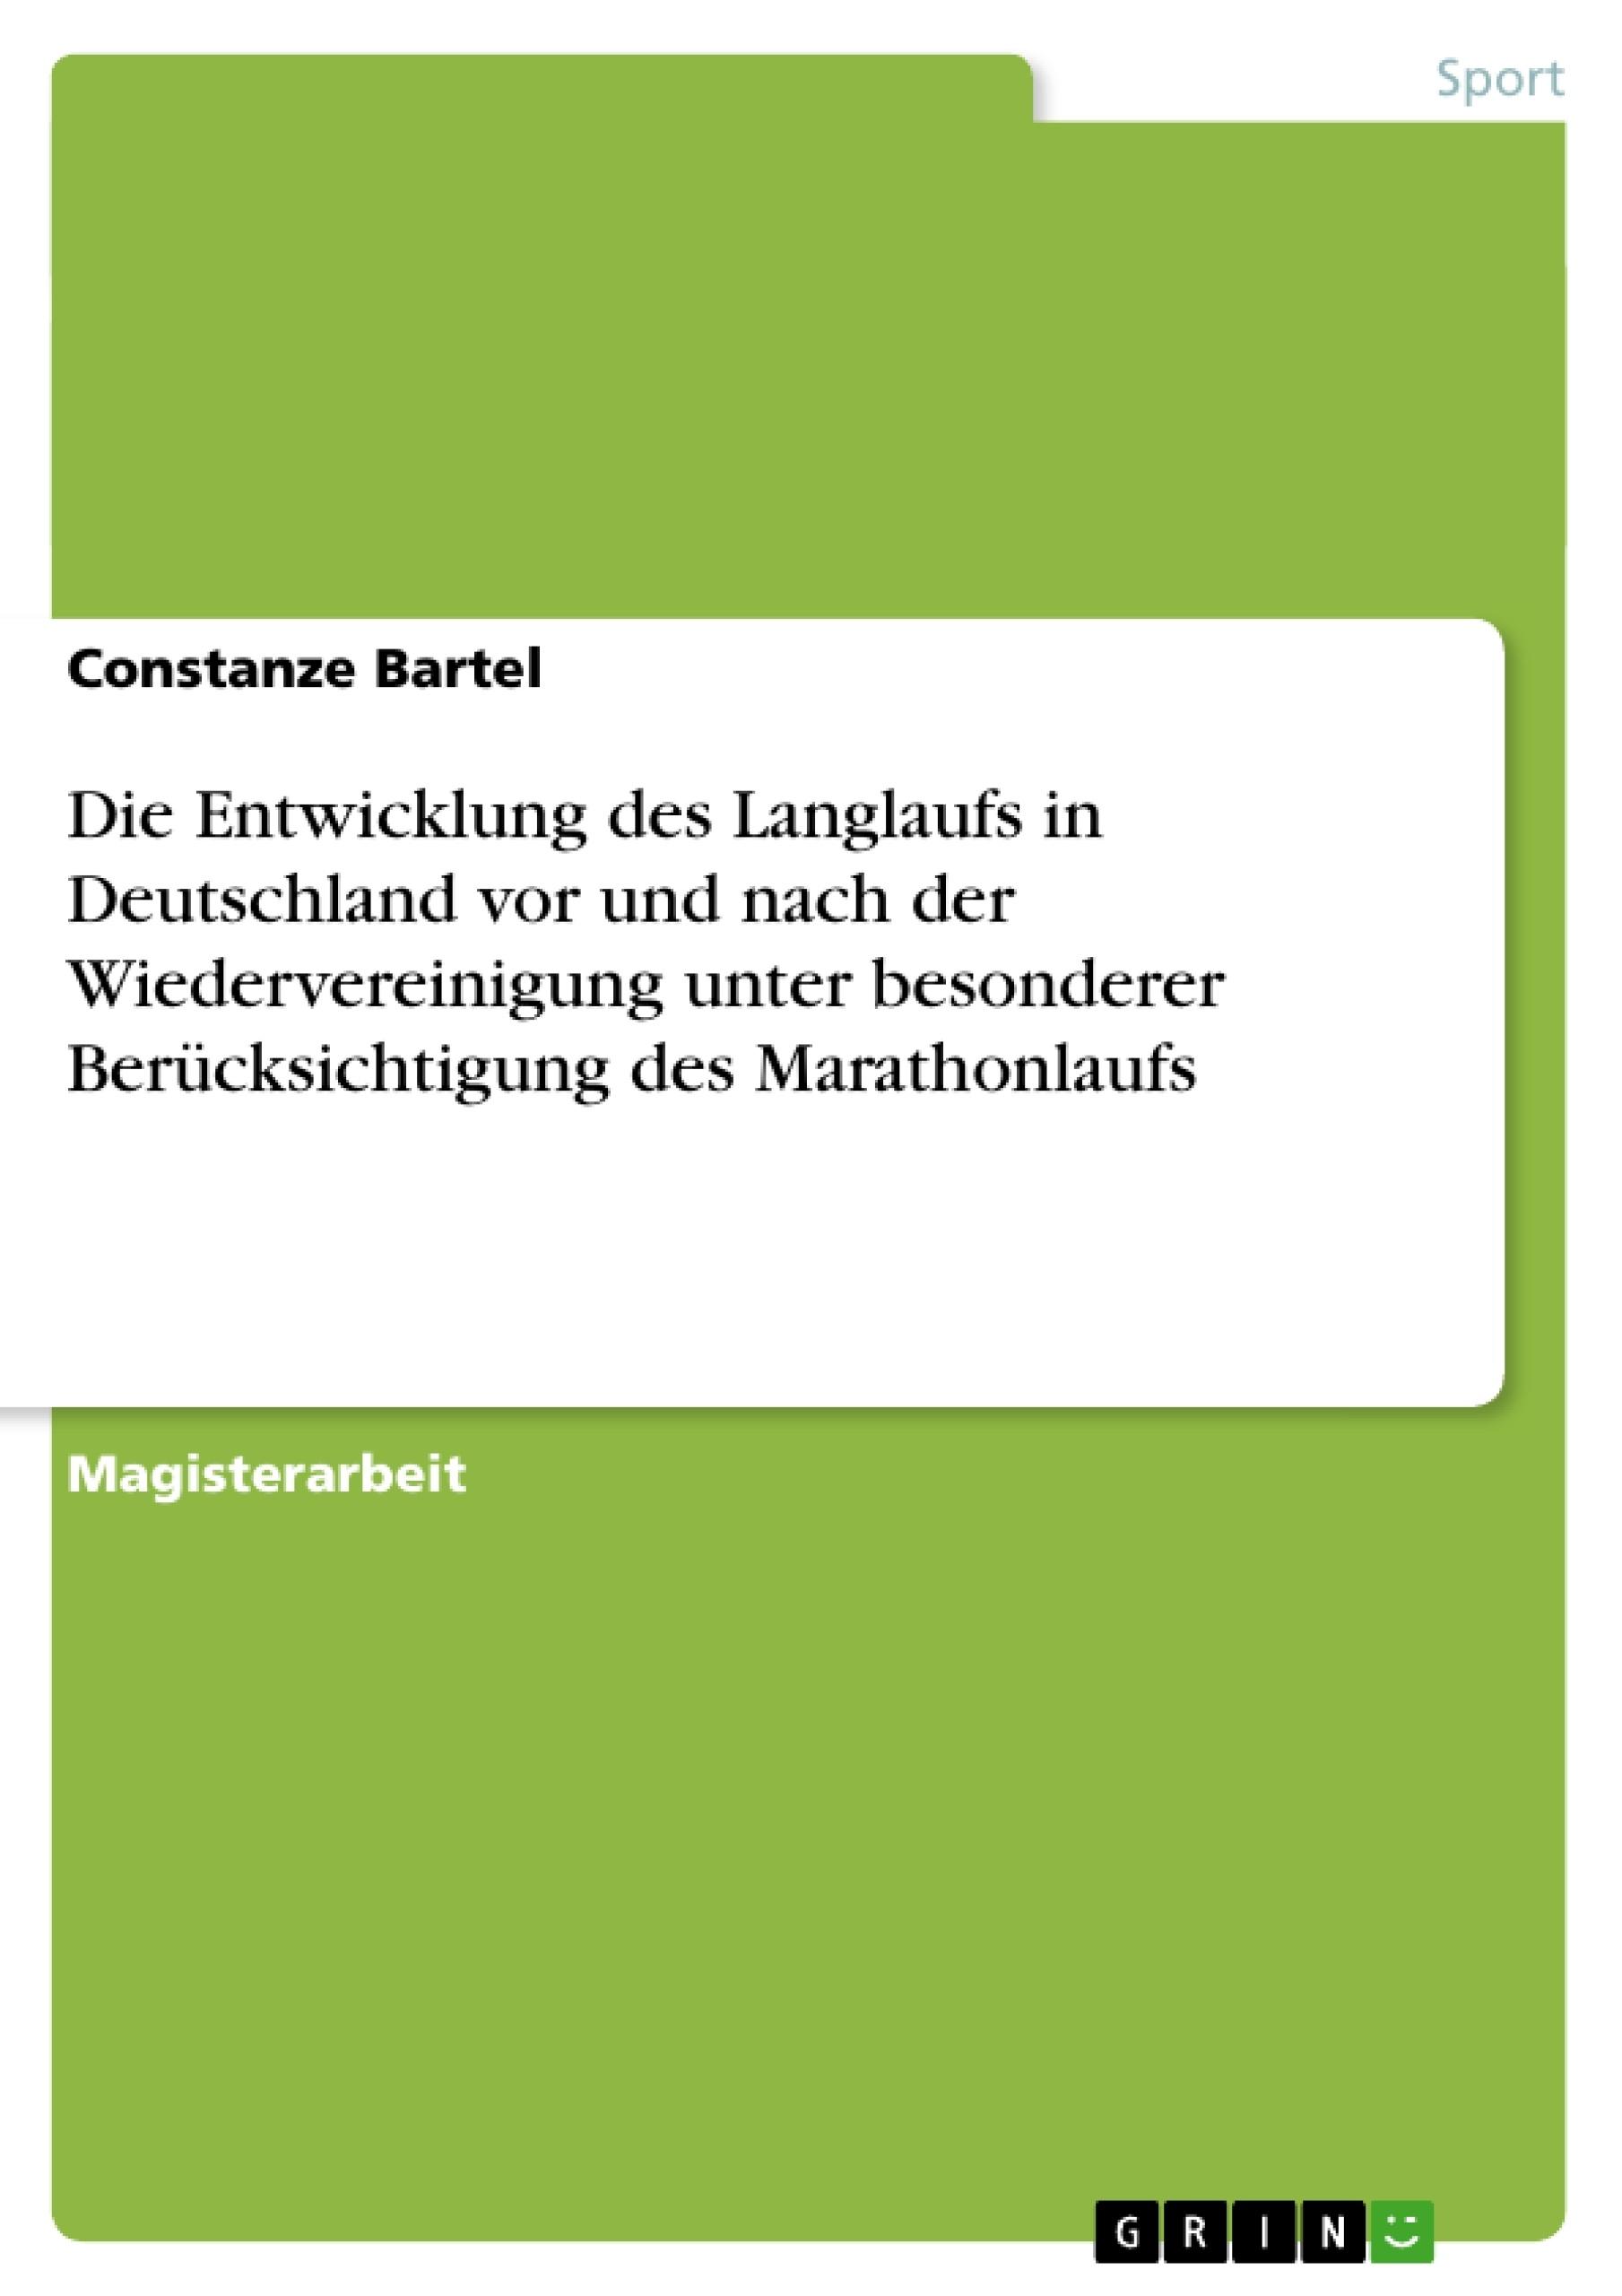 Titel: Die Entwicklung des Langlaufs in Deutschland vor und nach der Wiedervereinigung unter besonderer Berücksichtigung des Marathonlaufs